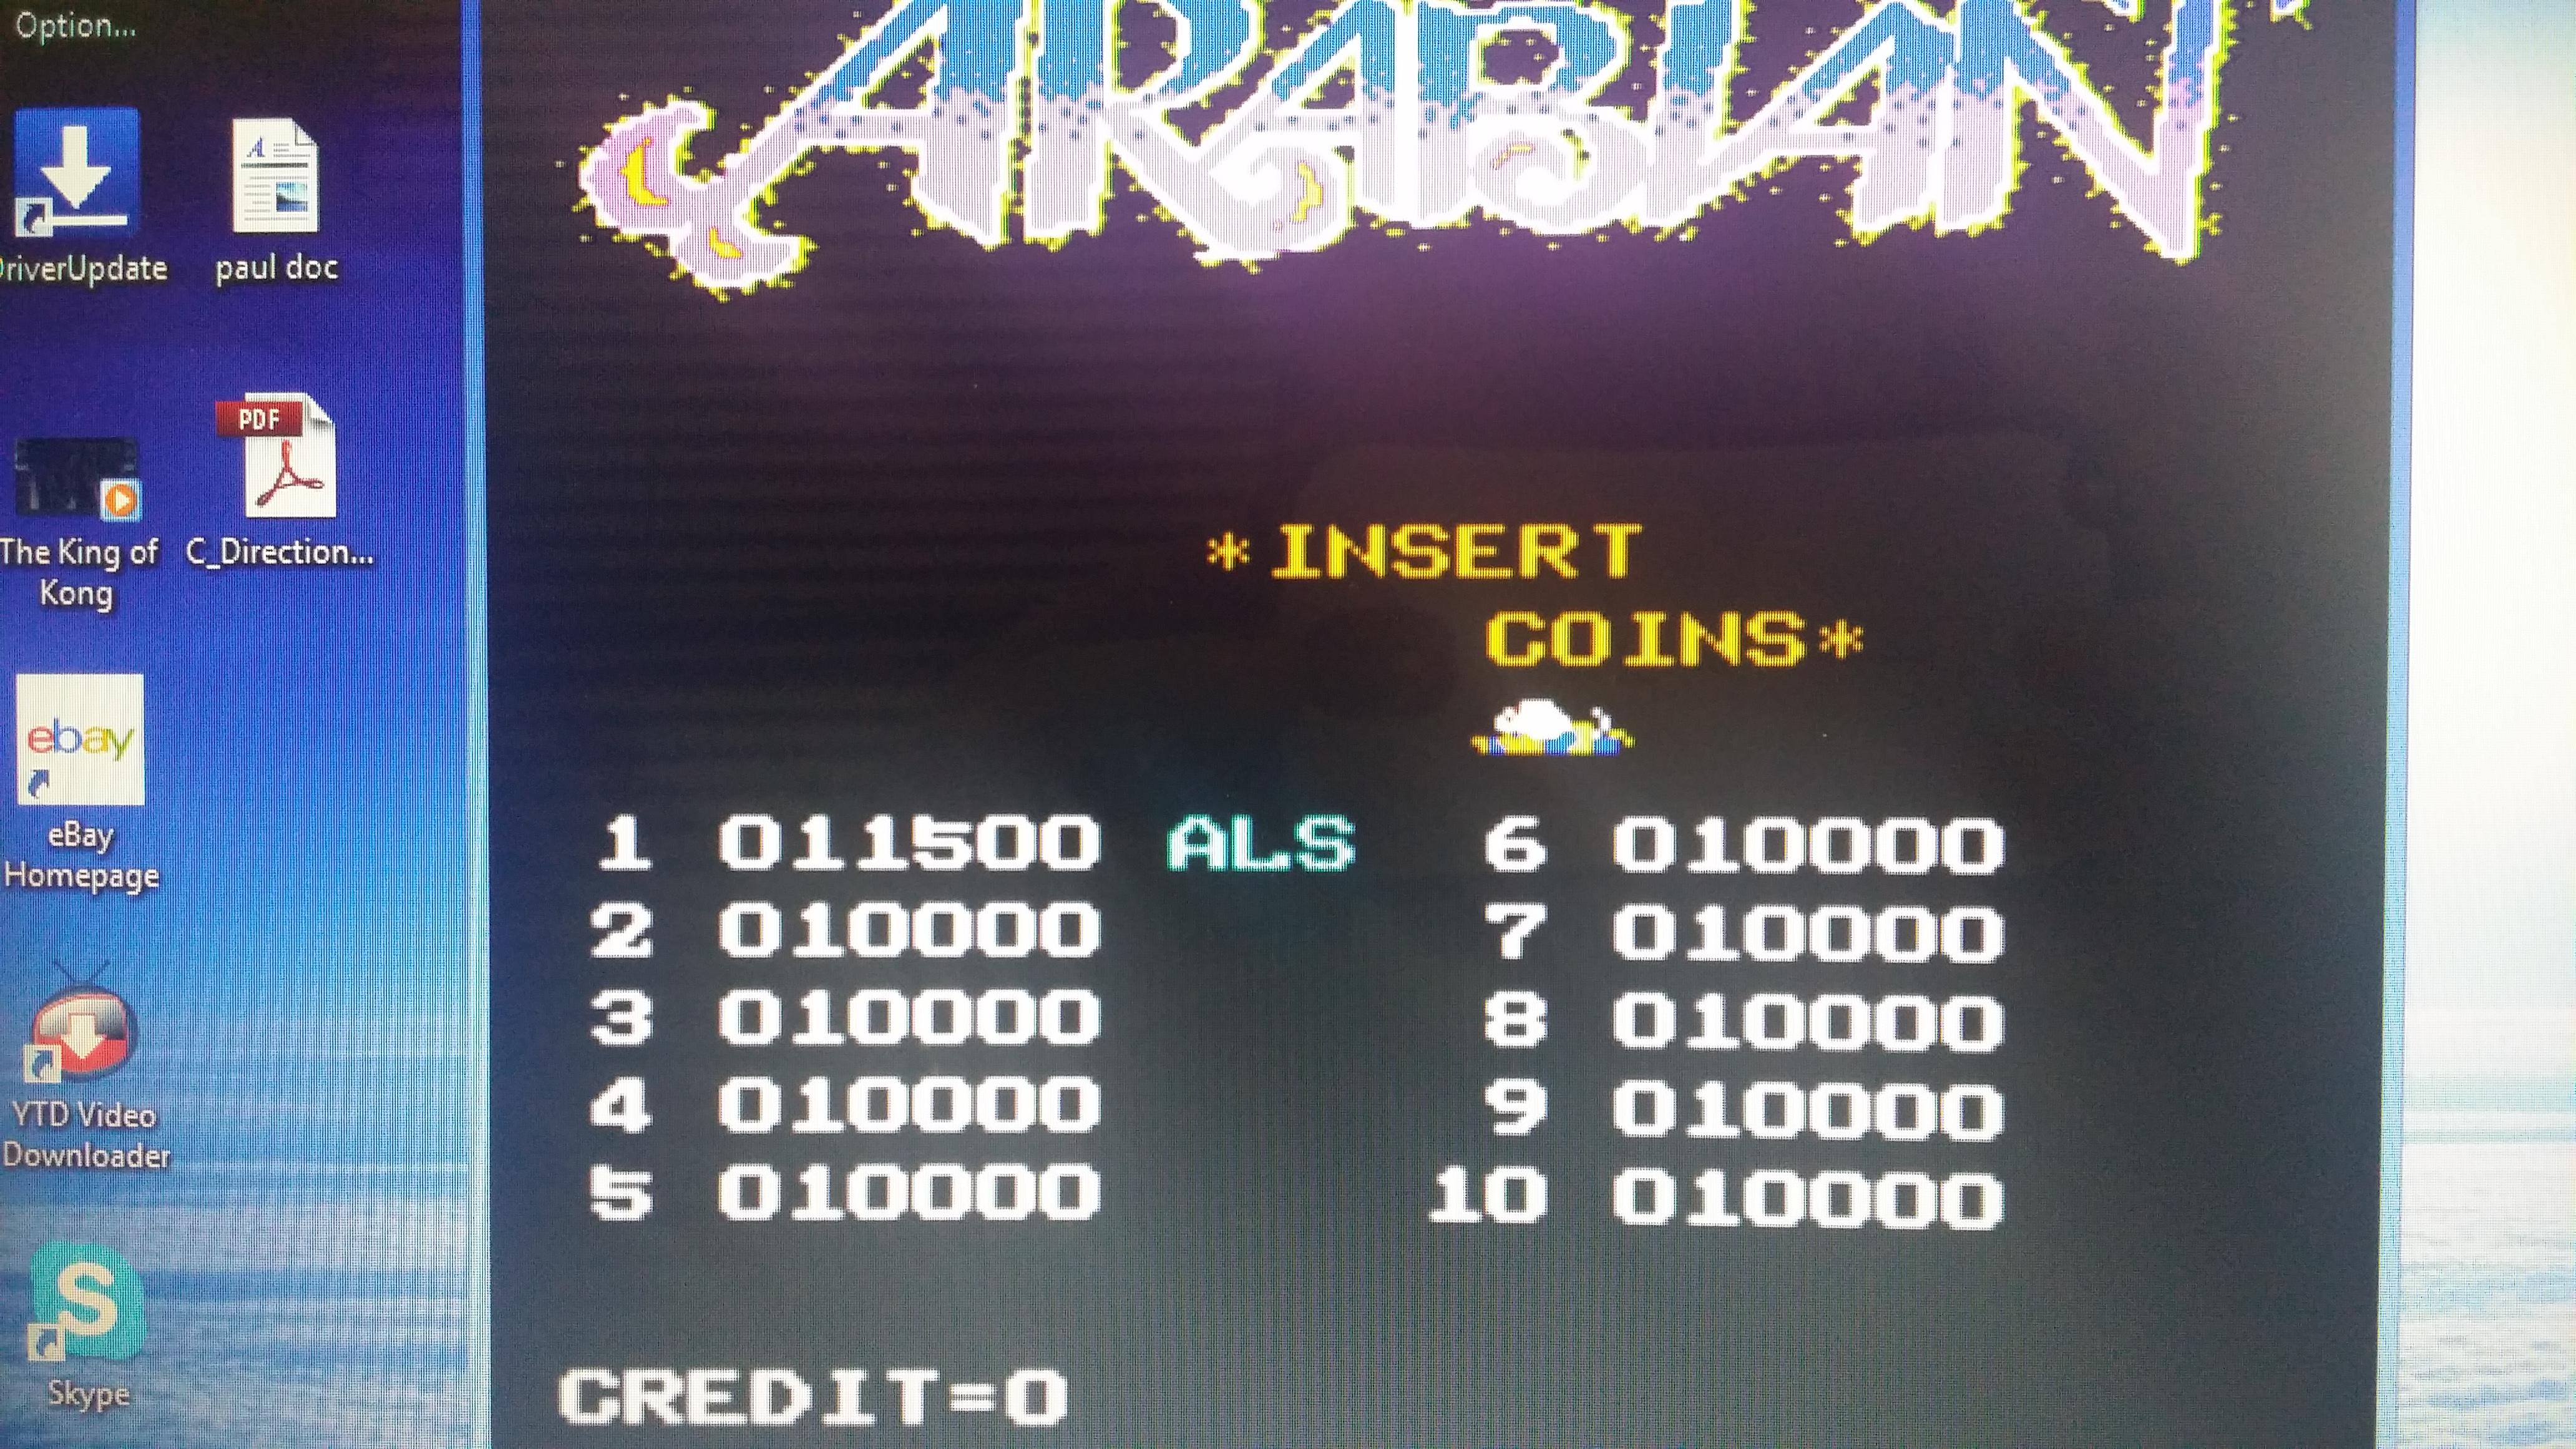 Arabian 11,500 points